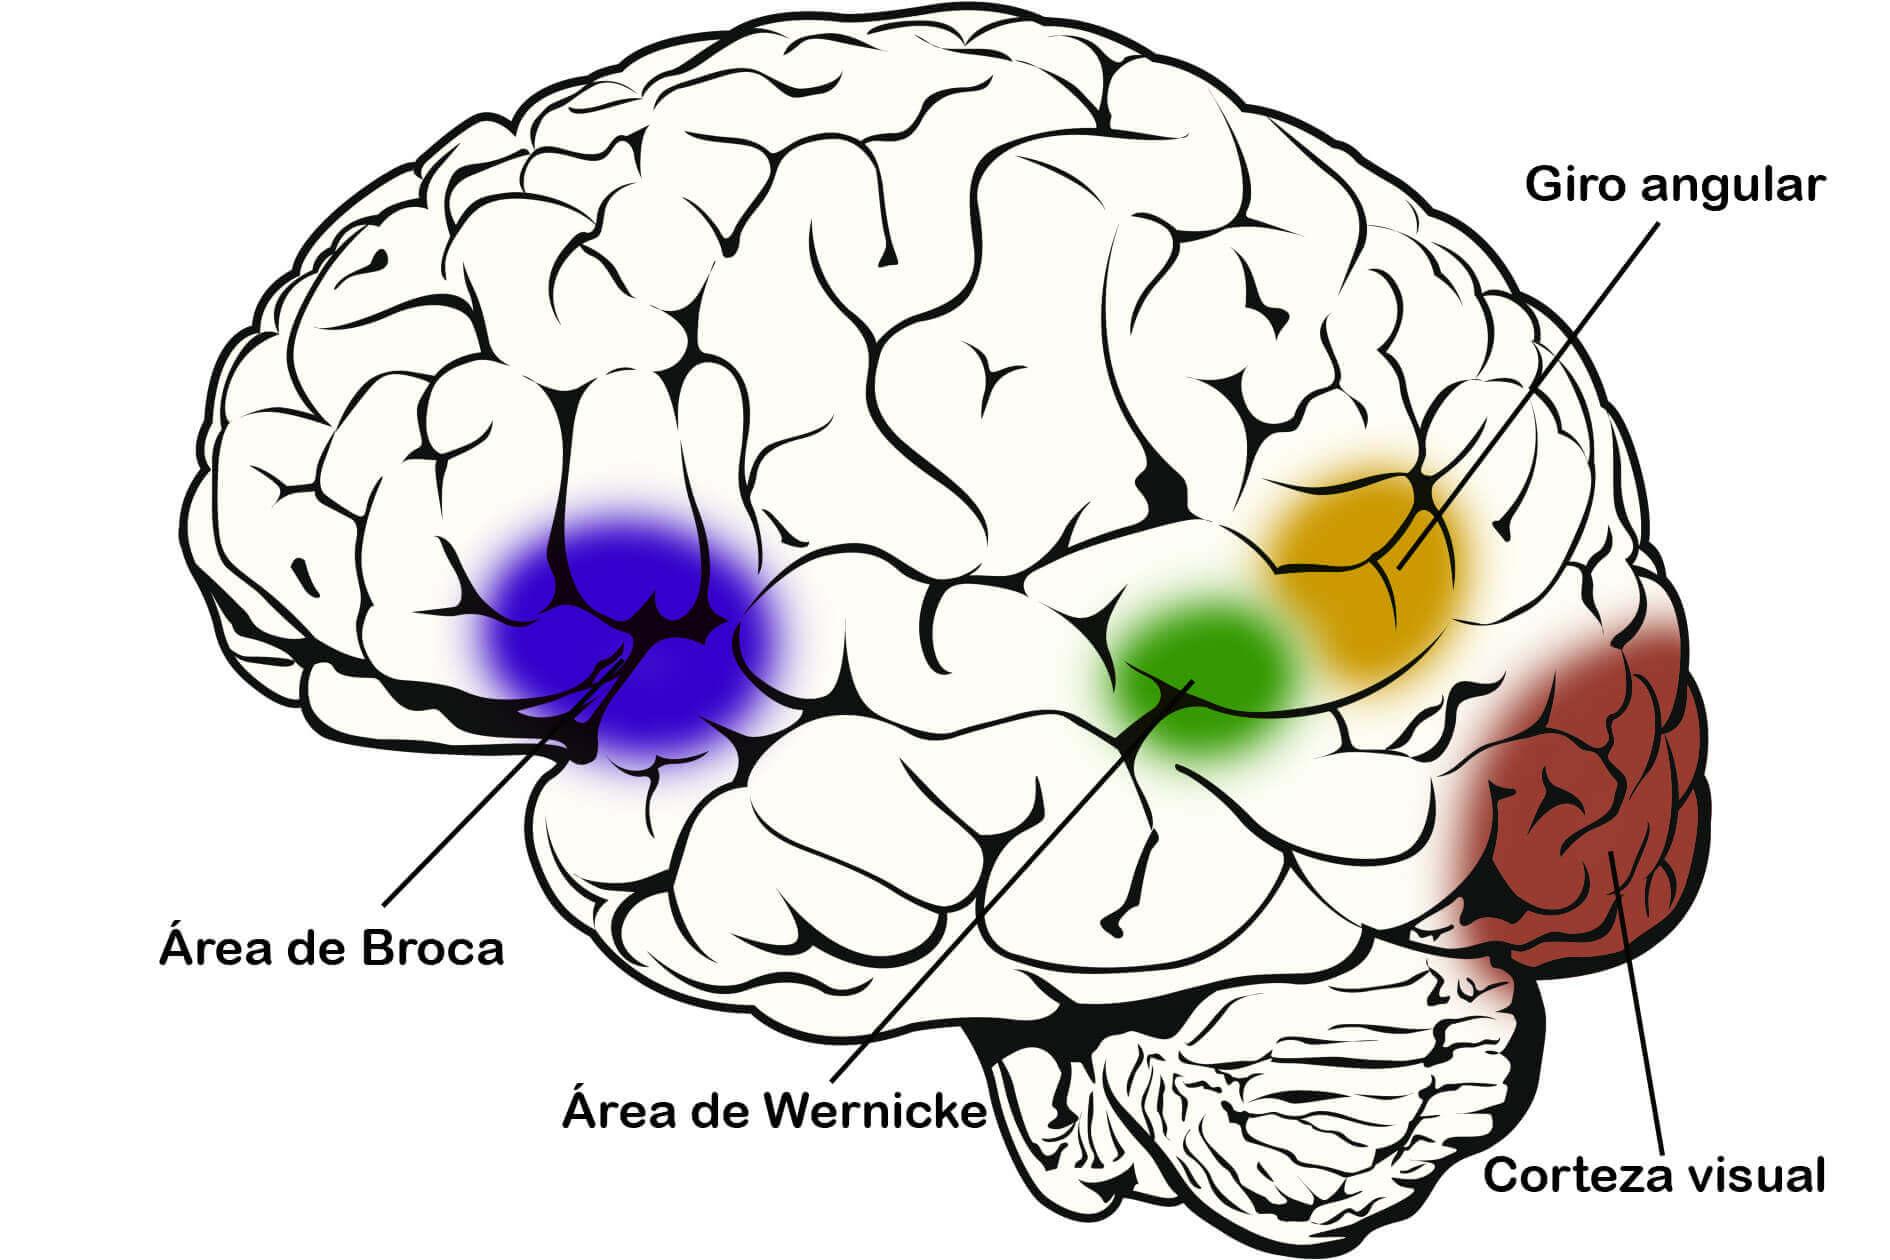 lectura biológica - partes del cerebro implicada en el proceso lector